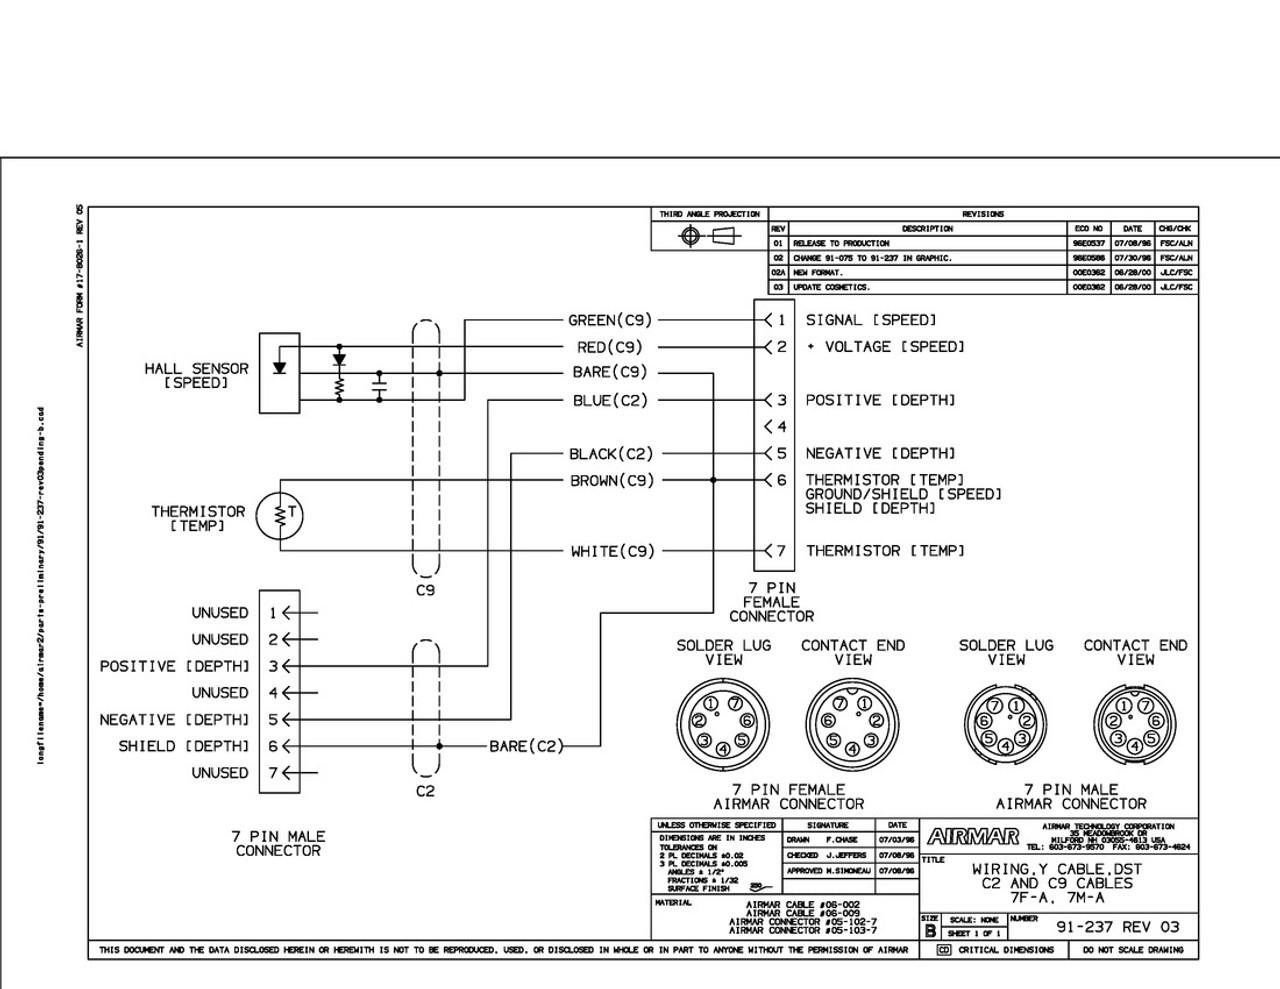 airmar wiring diagram simrad st650 7 pin blue bottle marine sae j1850 pin diagram female 7 pin wiring diagram [ 1100 x 850 Pixel ]